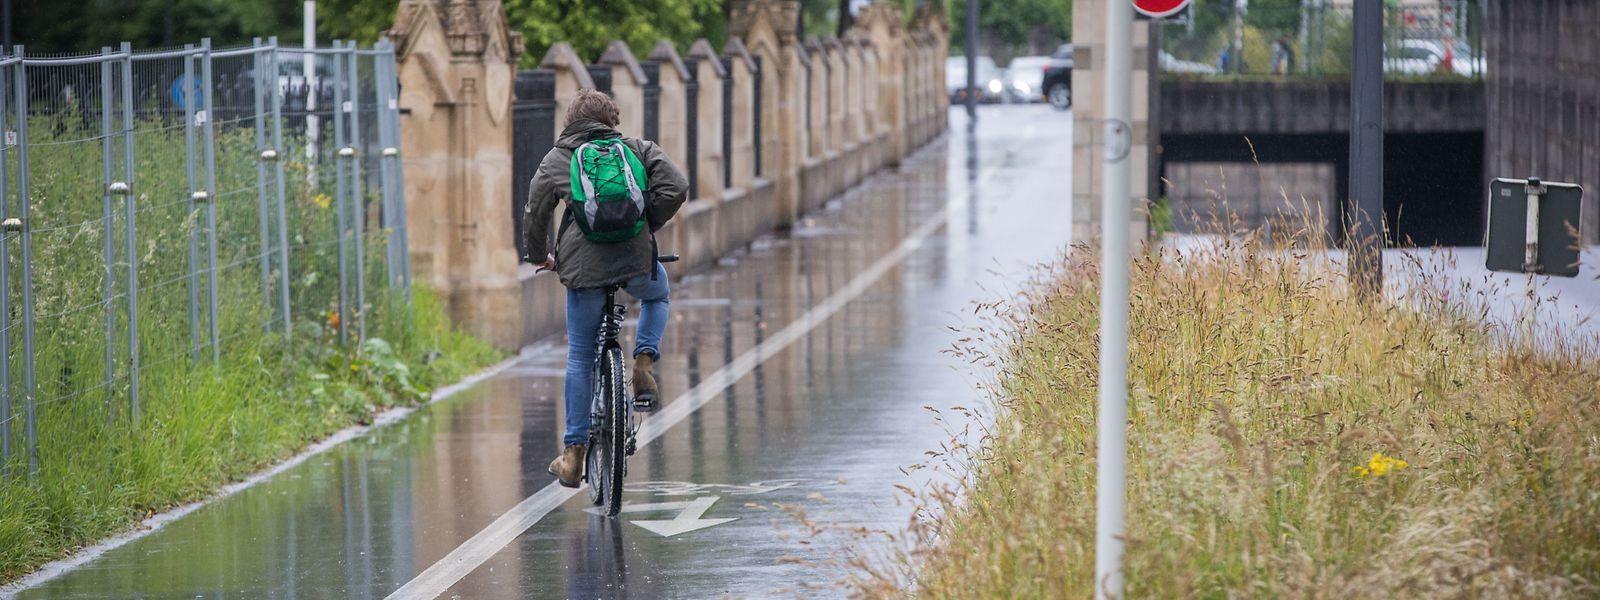 Nicht nur besseres Wetter sondern auch sicherere und schönere Radwege sollen den Heimaturlaub im August attraktiver machen.